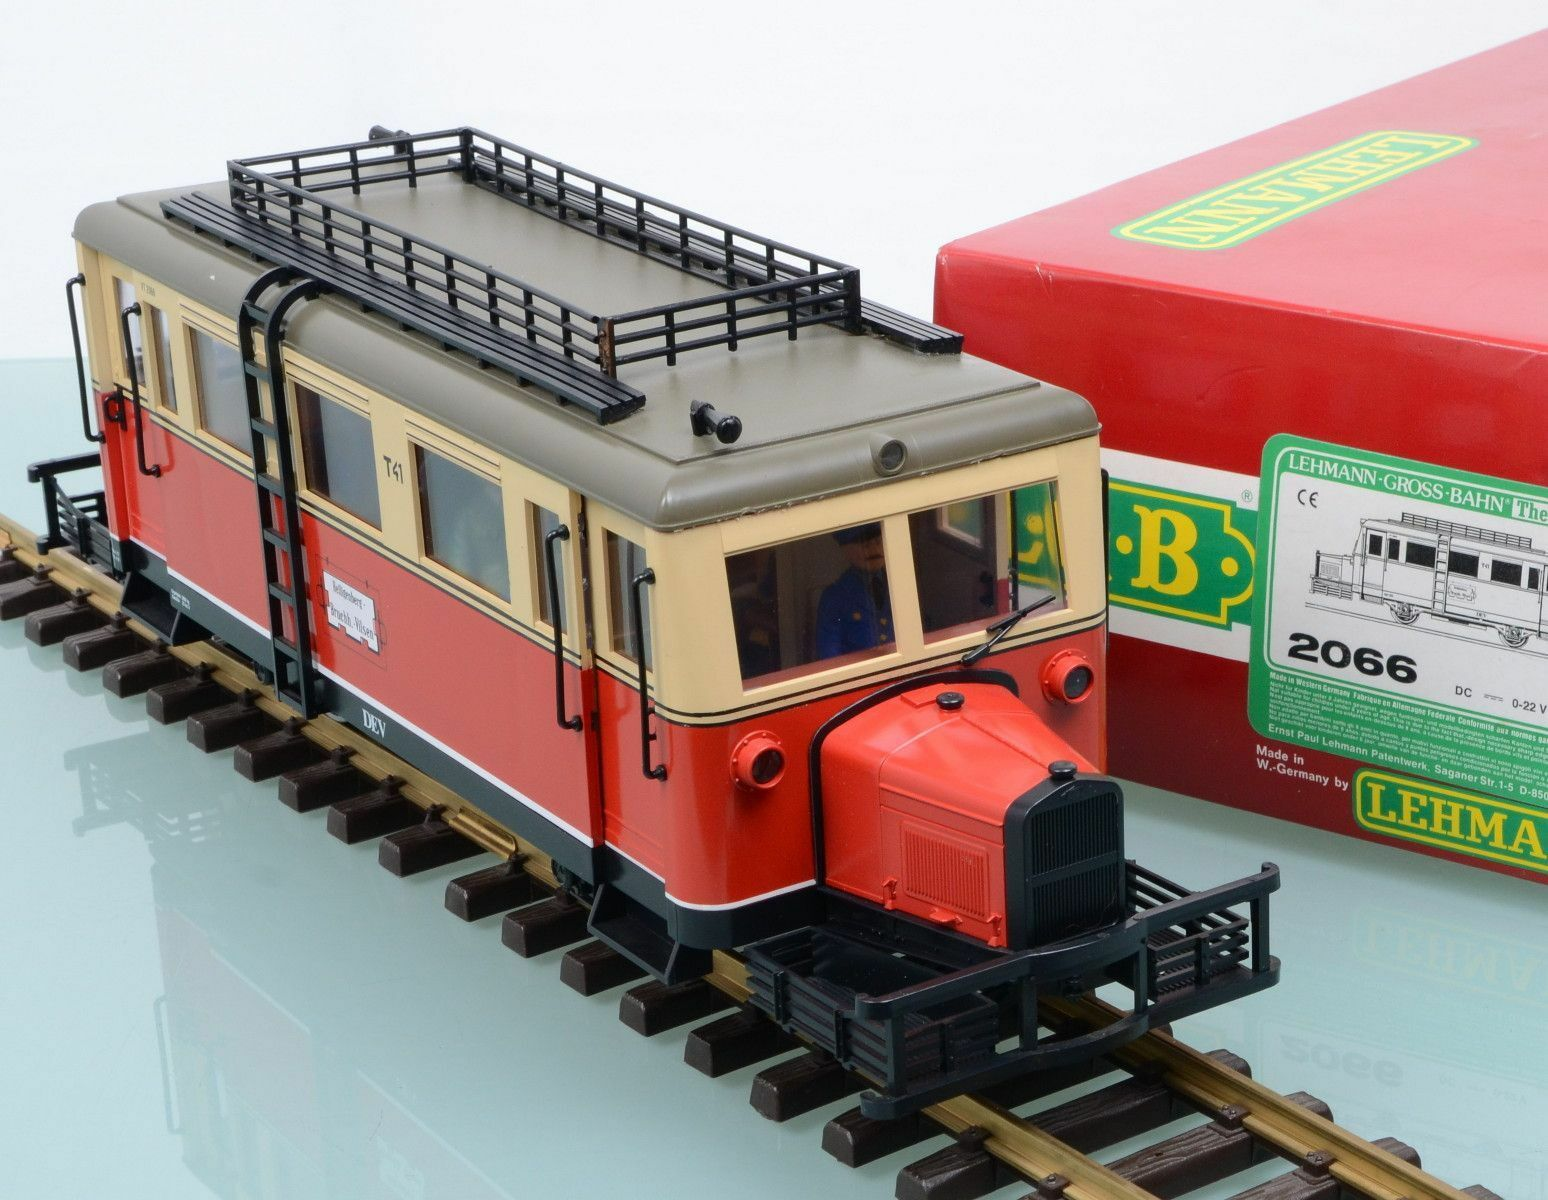 Wismar carril bus LGB 2066 Locomotora hocico de cerdo de Metal Con Luces Escala G